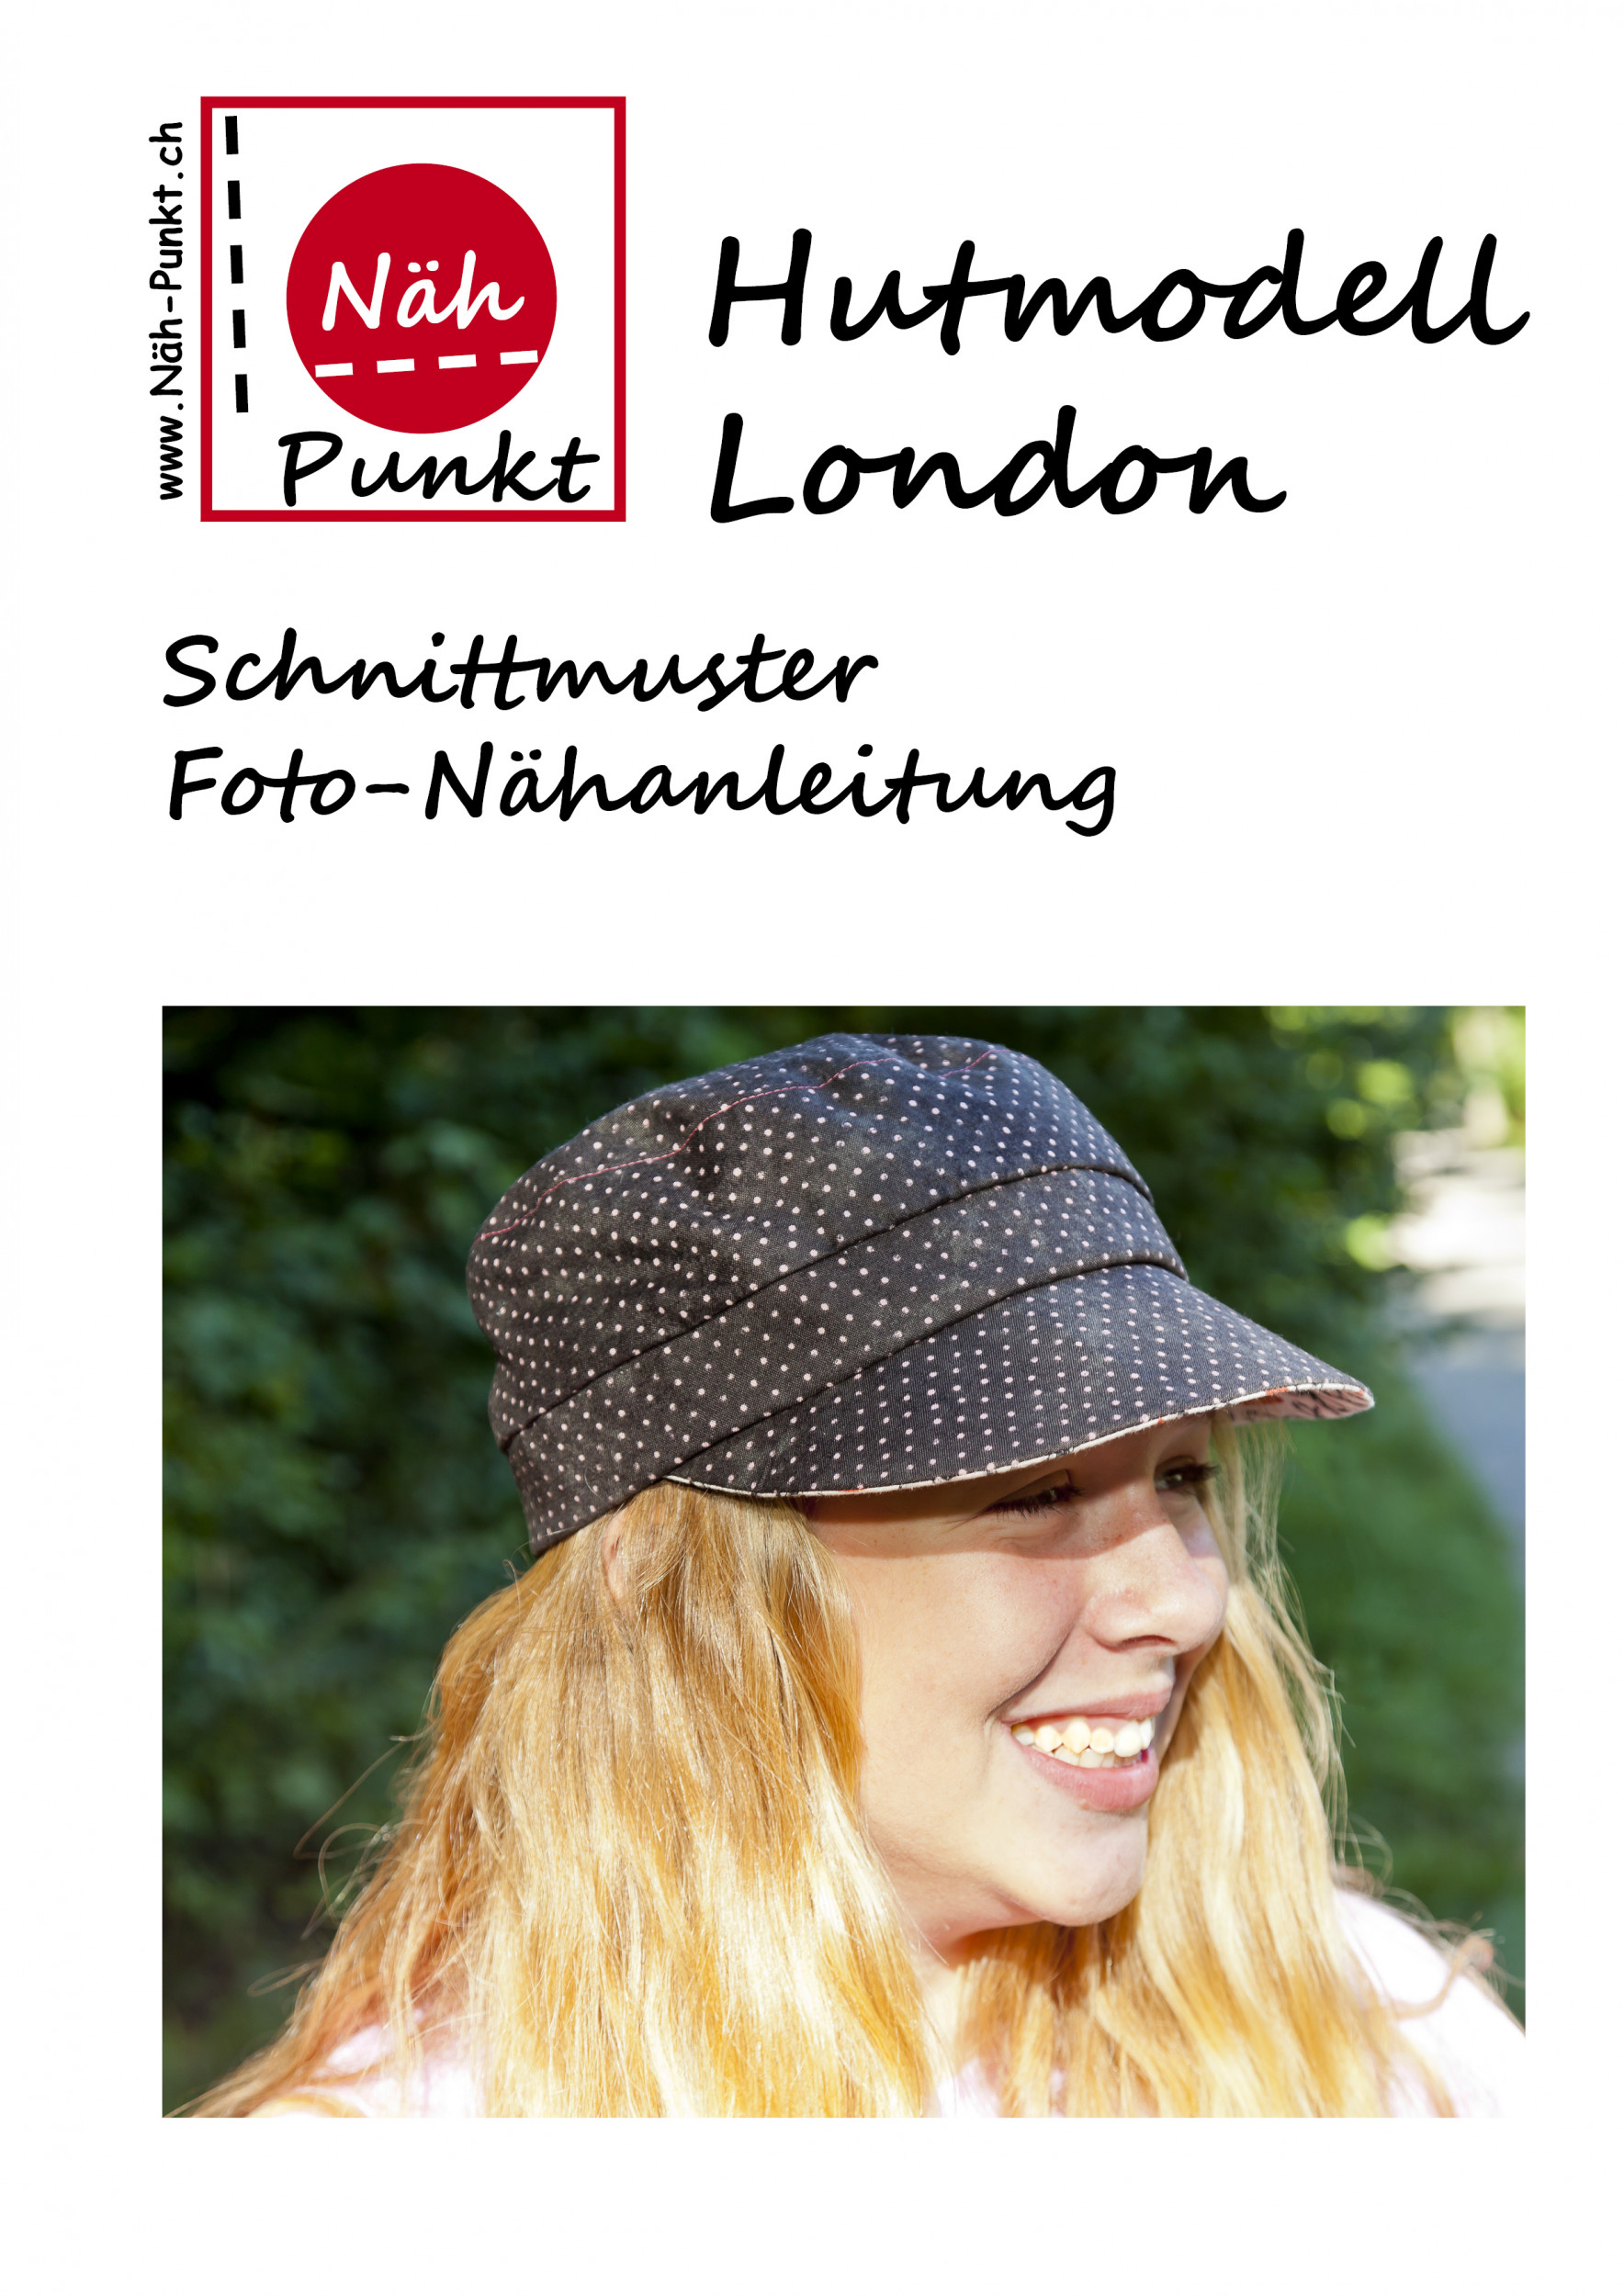 Näh-Punkt | grosser Hutwettbewerb